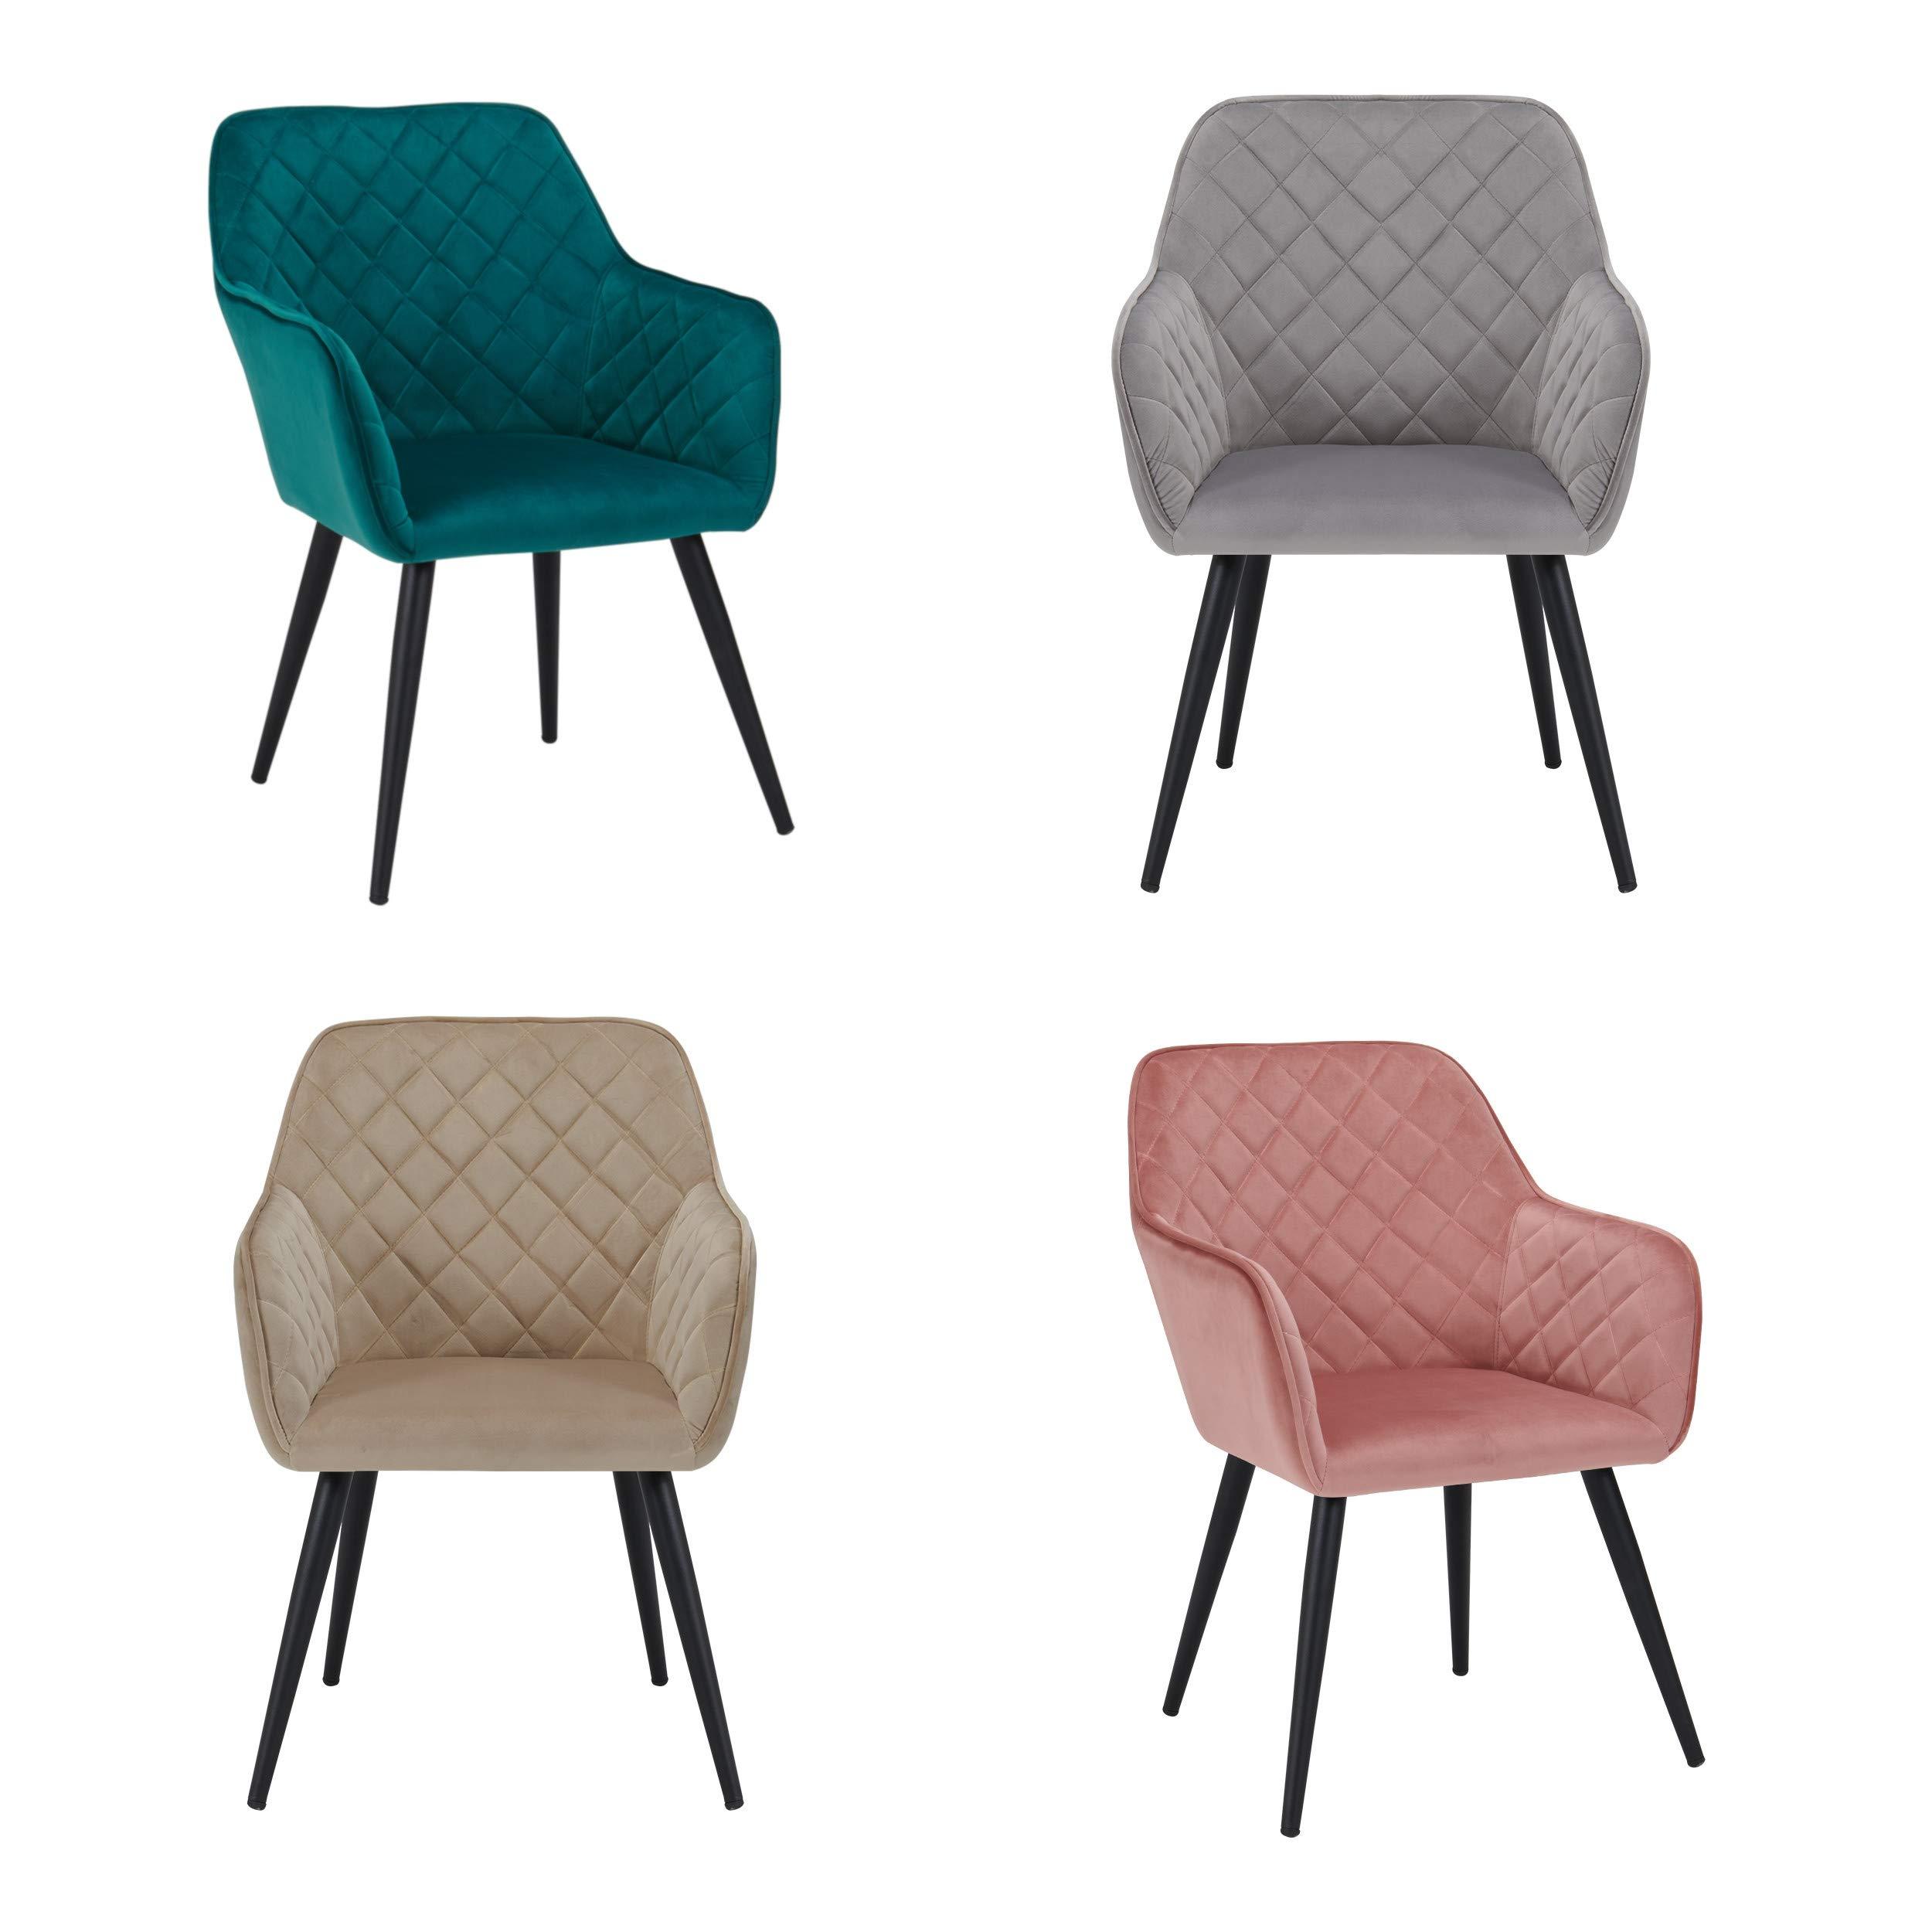 Duhome Metallbeine Retro Esszimmerstuhl Sessel Stuhl Mit Rückenlehne 8058Samtmöbel Aus StoffsamtFarbauswahl Design Armlehnstuhl 6Yb7gyfv